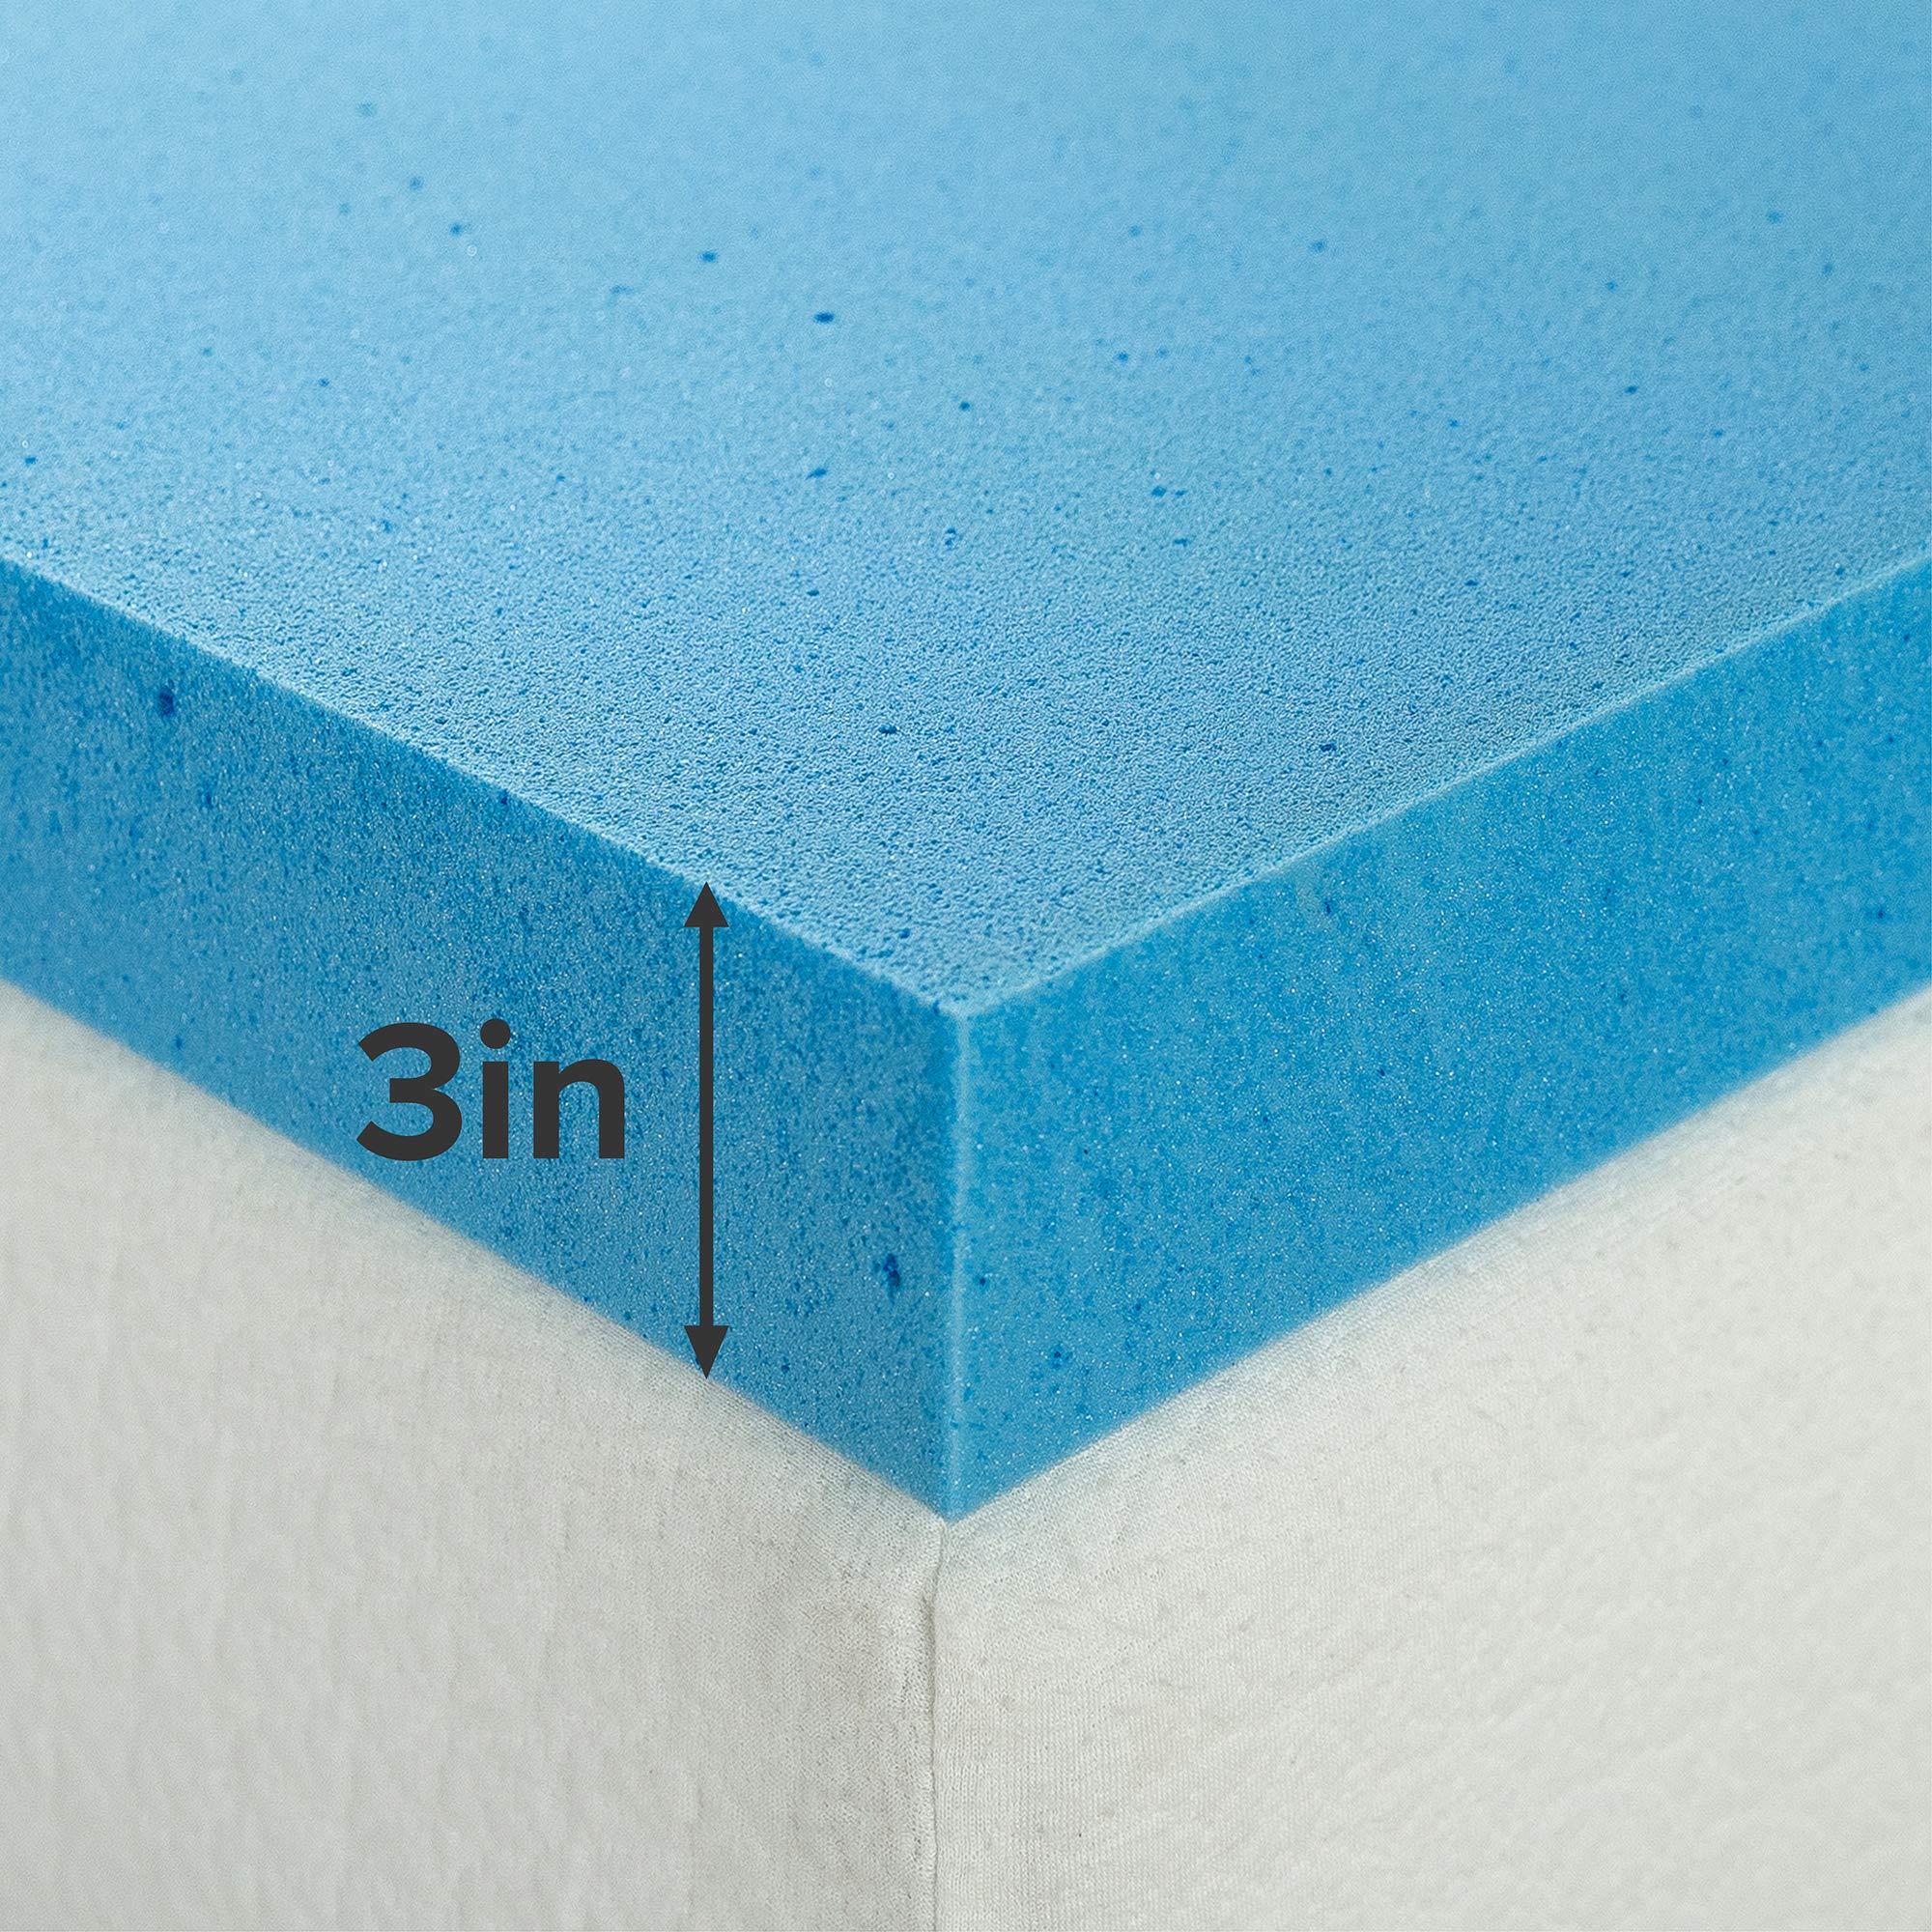 Topper Tấm Tiện Nghi Làm Mềm Nệm Gel Mát Cao Cấp Zinus - Gel Memory Foam Mattress Topper with Cover 180x200*7.5cm